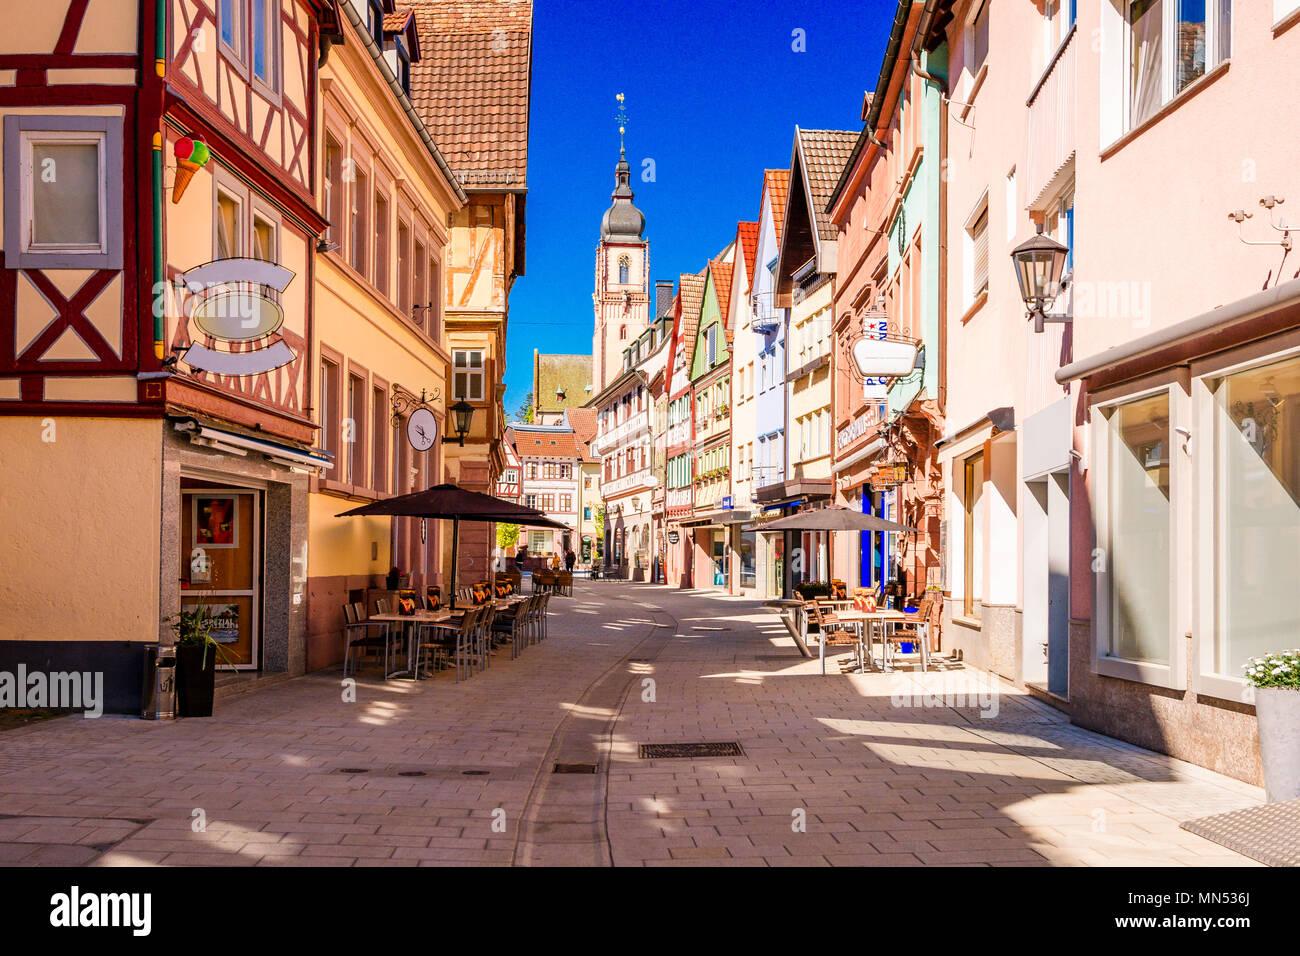 Landschaftlich schöne Aussicht auf die Altstadt in Tauberbischofsheim - Teil der Romantischen Straße, Bayern, Deutschland Stockbild